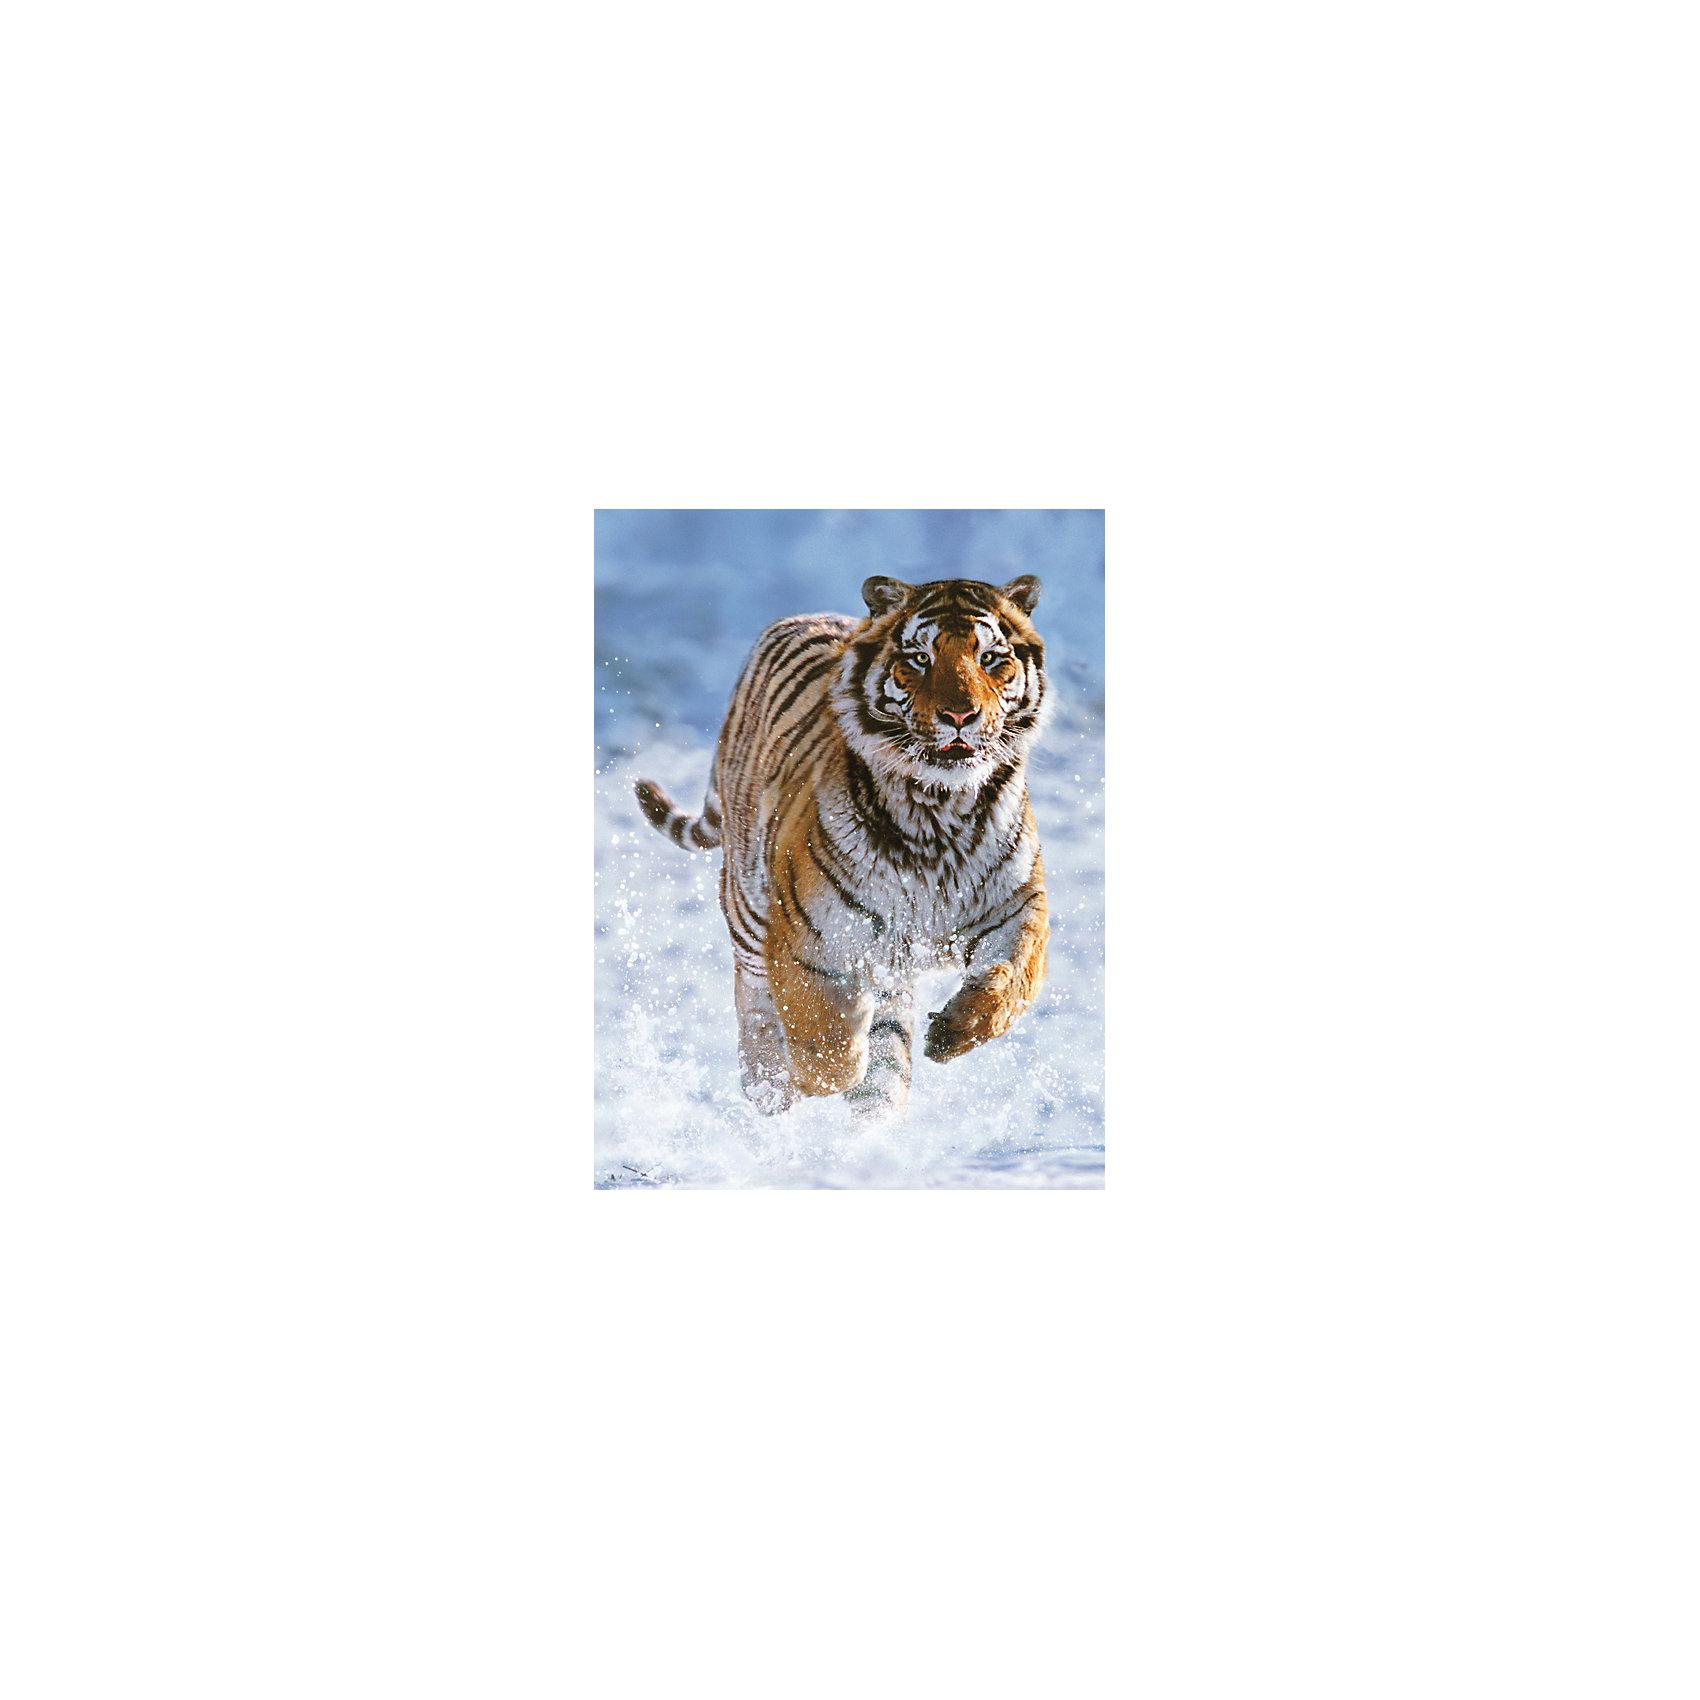 Пазл «Тигр на снегу» 500 деталей, RavensburgerПазл «Тигр на снегу» 500 деталей, Ravensburger (Равенсбургер) отличается высоким качеством изображения. На нем видна каждая деталь хищника. Могучий тигр стремительно несется по снегу, который взмывает в воздух от каждого движения хищника. Результат принесет ребенку радость собственных достижений и удовольствие от красочной картины! <br><br>Характеристики:<br>-Элементы идеально соединяются друг с другом, не отслаиваются с течением времени<br>-Высочайшее качество картона и полиграфии <br>-Матовая поверхность исключает отблески<br>-Развивает: память, мышление, внимательность, усидчивость, мелкая моторика, восприятие форм и цветов<br>-Занимательное времяпрепровождение для всей семьи<br>-Для сохранения в собранном виде можно использовать скотч или специальный клей для пазлов (в комплект не входит)<br><br>Дополнительная информация:<br>-Материал: плотный картон, бумага<br>-Размер собранного пазла: 49х36 см<br>-Размер упаковки: 34х23х4 см<br>-Вес упаковки: 600 г<br><br>Для детей собирание пазлов – это интересная и полезная игра, а для взрослых — прекрасная возможность провести время вместе со своими детьми!<br><br>Пазл «Тигр на снегу» 500 деталей, Ravensburger (Равенсбургер) можно купить в нашем магазине.<br><br>Ширина мм: 335<br>Глубина мм: 231<br>Высота мм: 37<br>Вес г: 550<br>Возраст от месяцев: 144<br>Возраст до месяцев: 1200<br>Пол: Унисекс<br>Возраст: Детский<br>Количество деталей: 500<br>SKU: 1481259